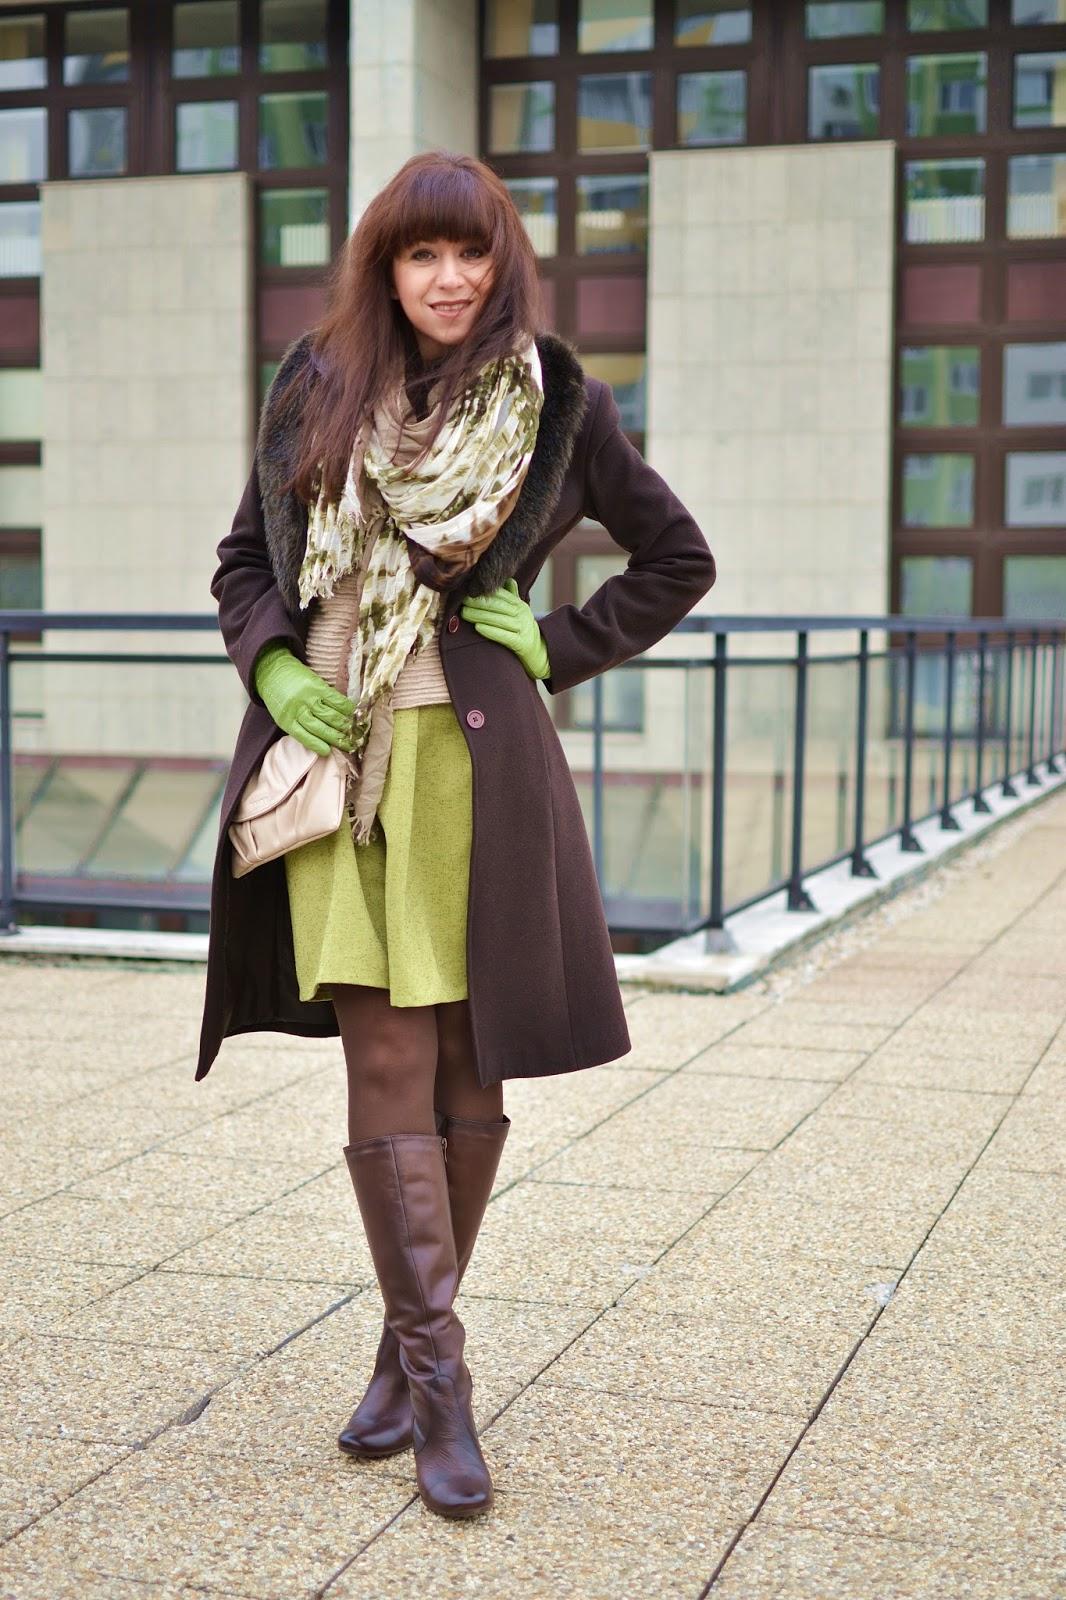 Sila šálu!_Katharine-fashion is beautiful_Zelené kožené rukavice_Hnedé pančuchy_Zelená sukňa_Katarína Jakubčová_Fashion blogger